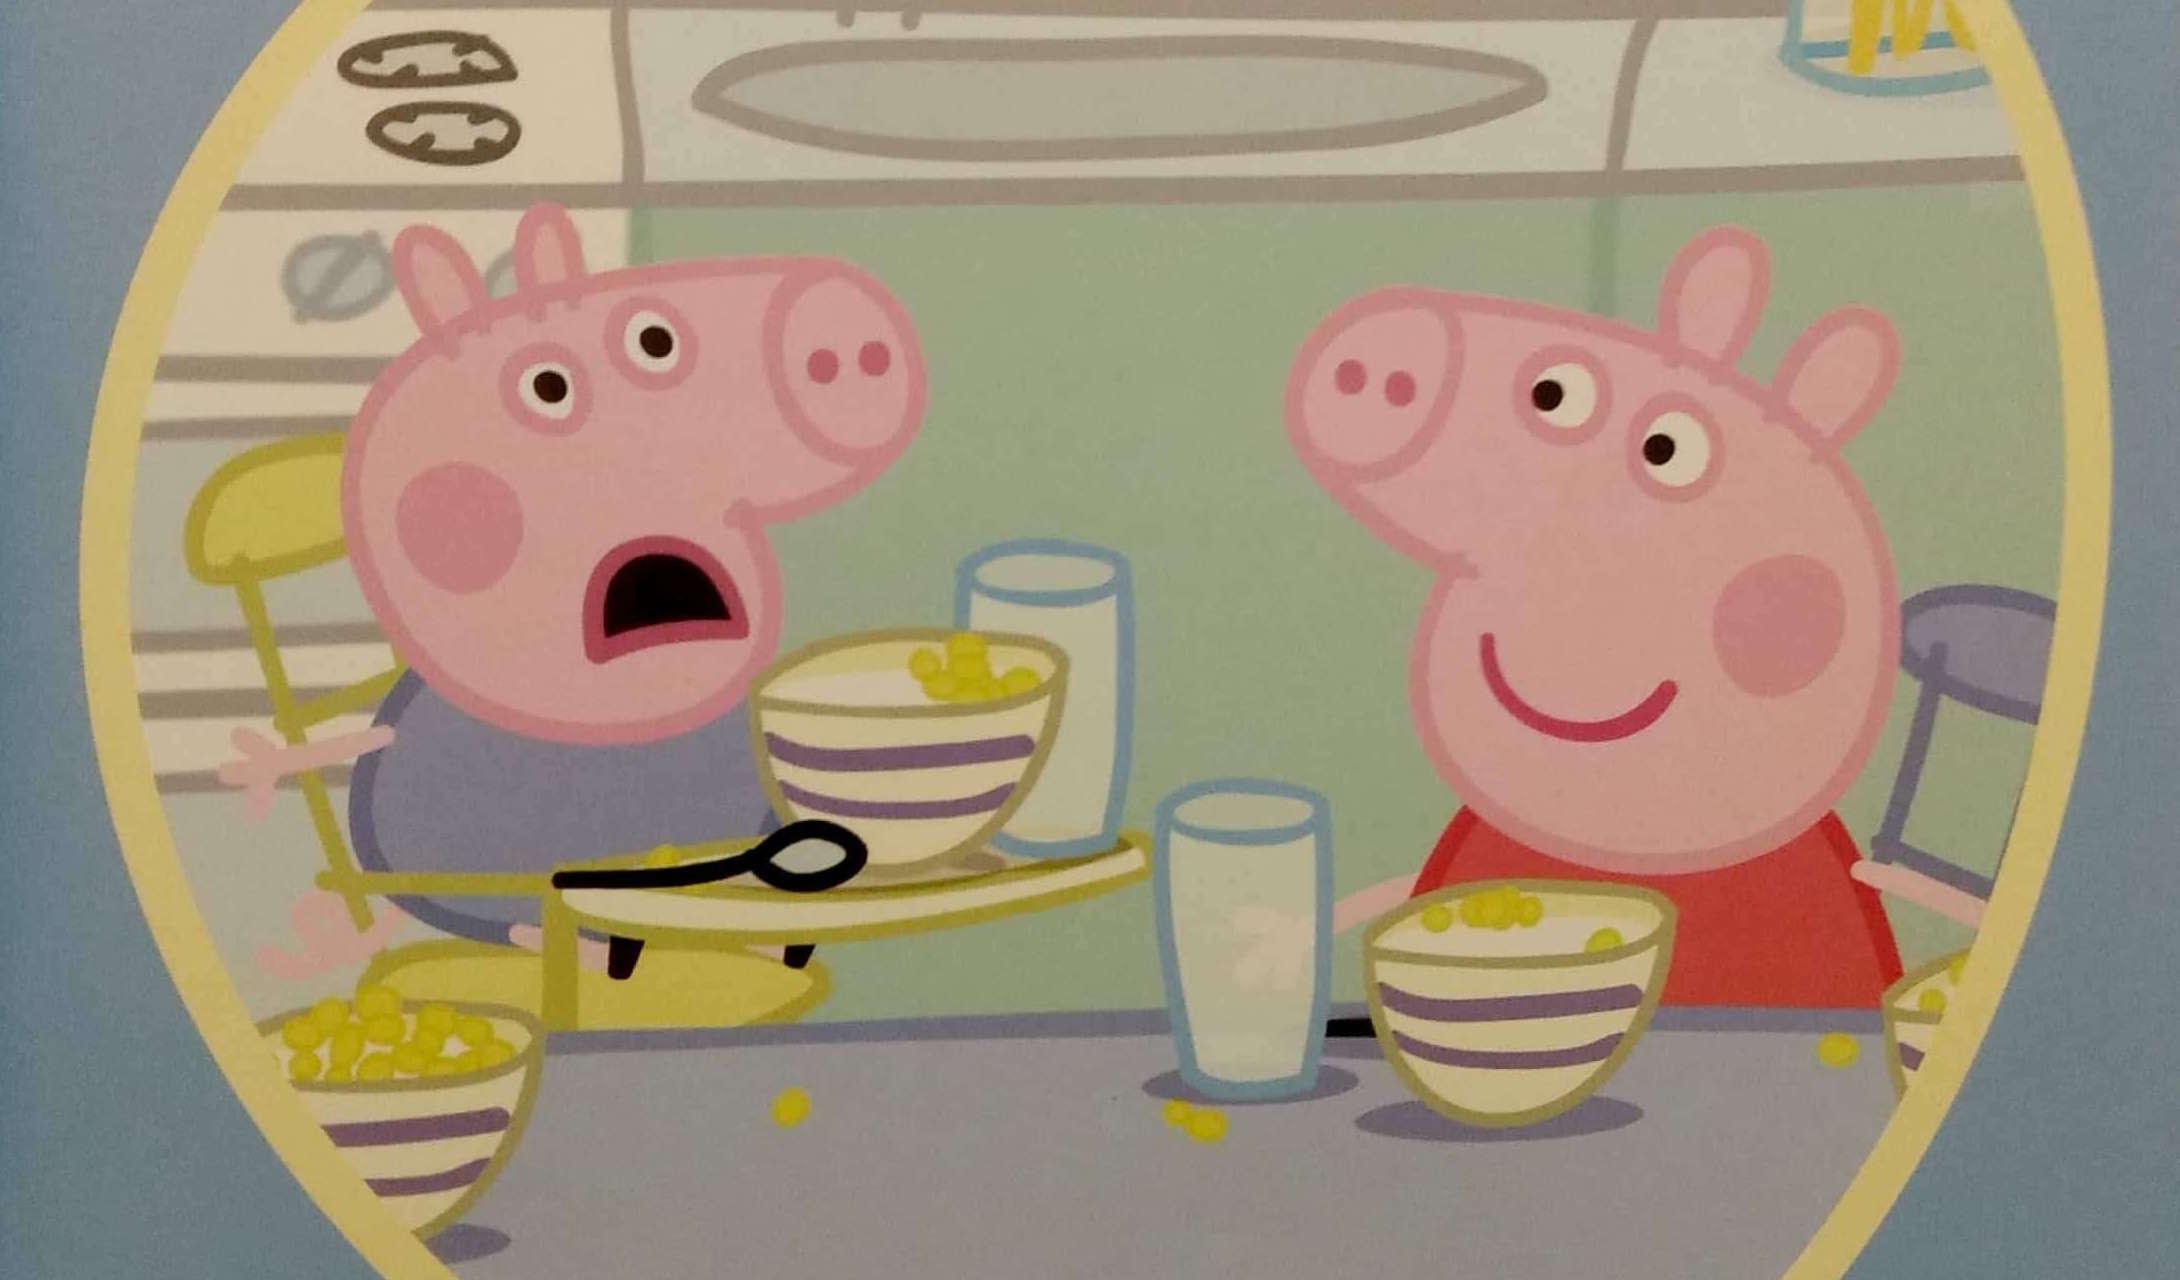 Świnka Peppa i George jedzą śniadanie